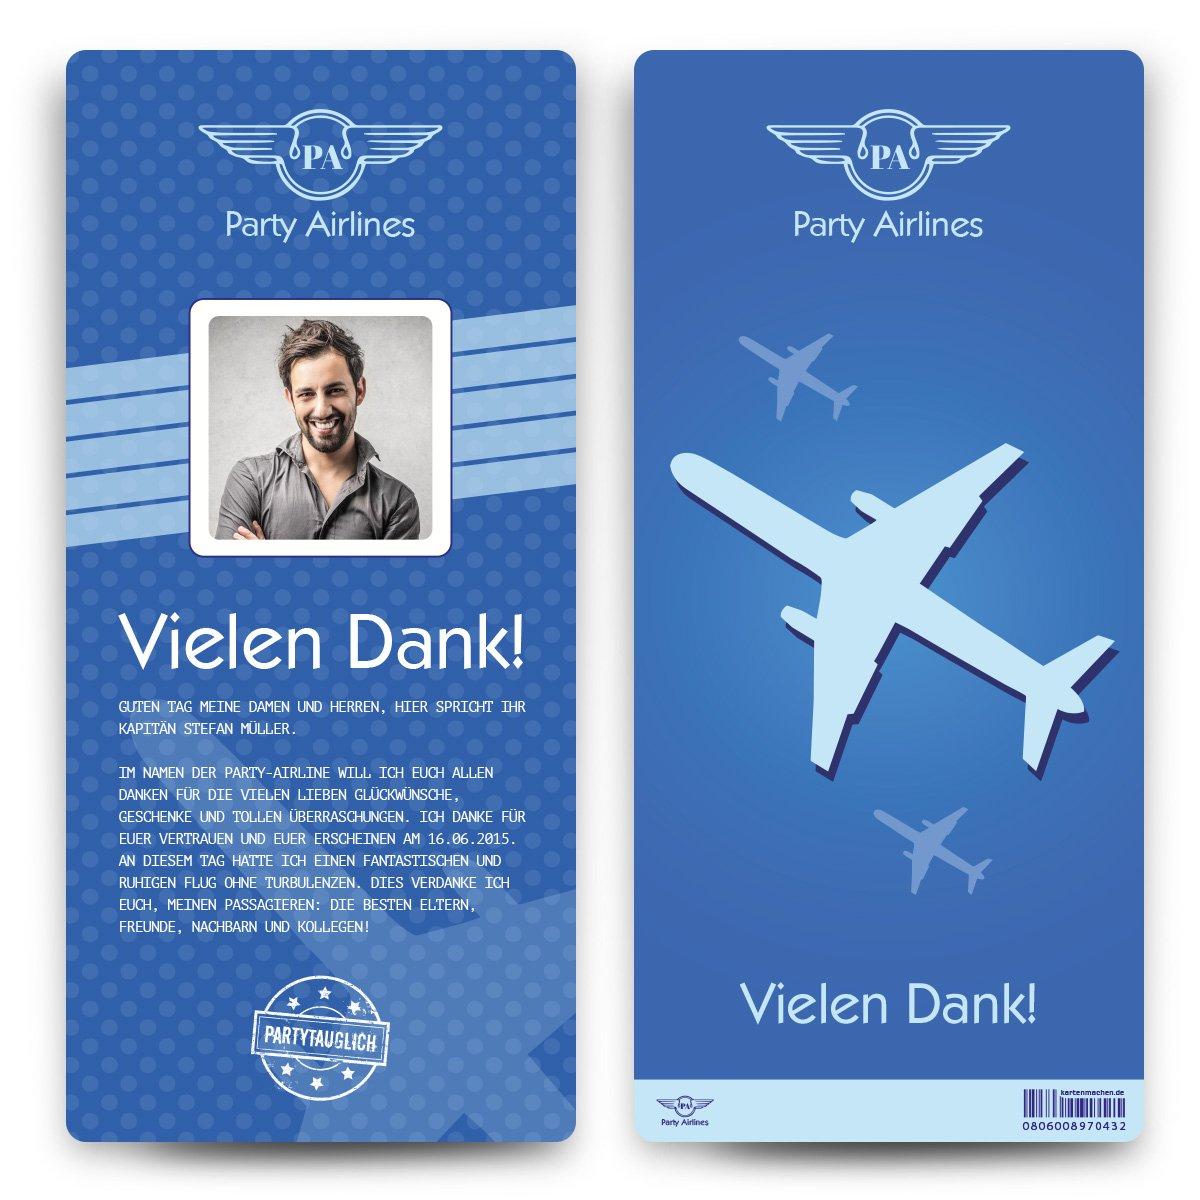 Danksagungskarten (60 Stück) - - - Flugticket - Boarding Pass Dankeskarten Danksagung in Blau B01N4PVP3Z | Jeder beschriebene Artikel ist verfügbar  | Ausgezeichnet (in) Qualität  | Schöne Kunst  23ad2f